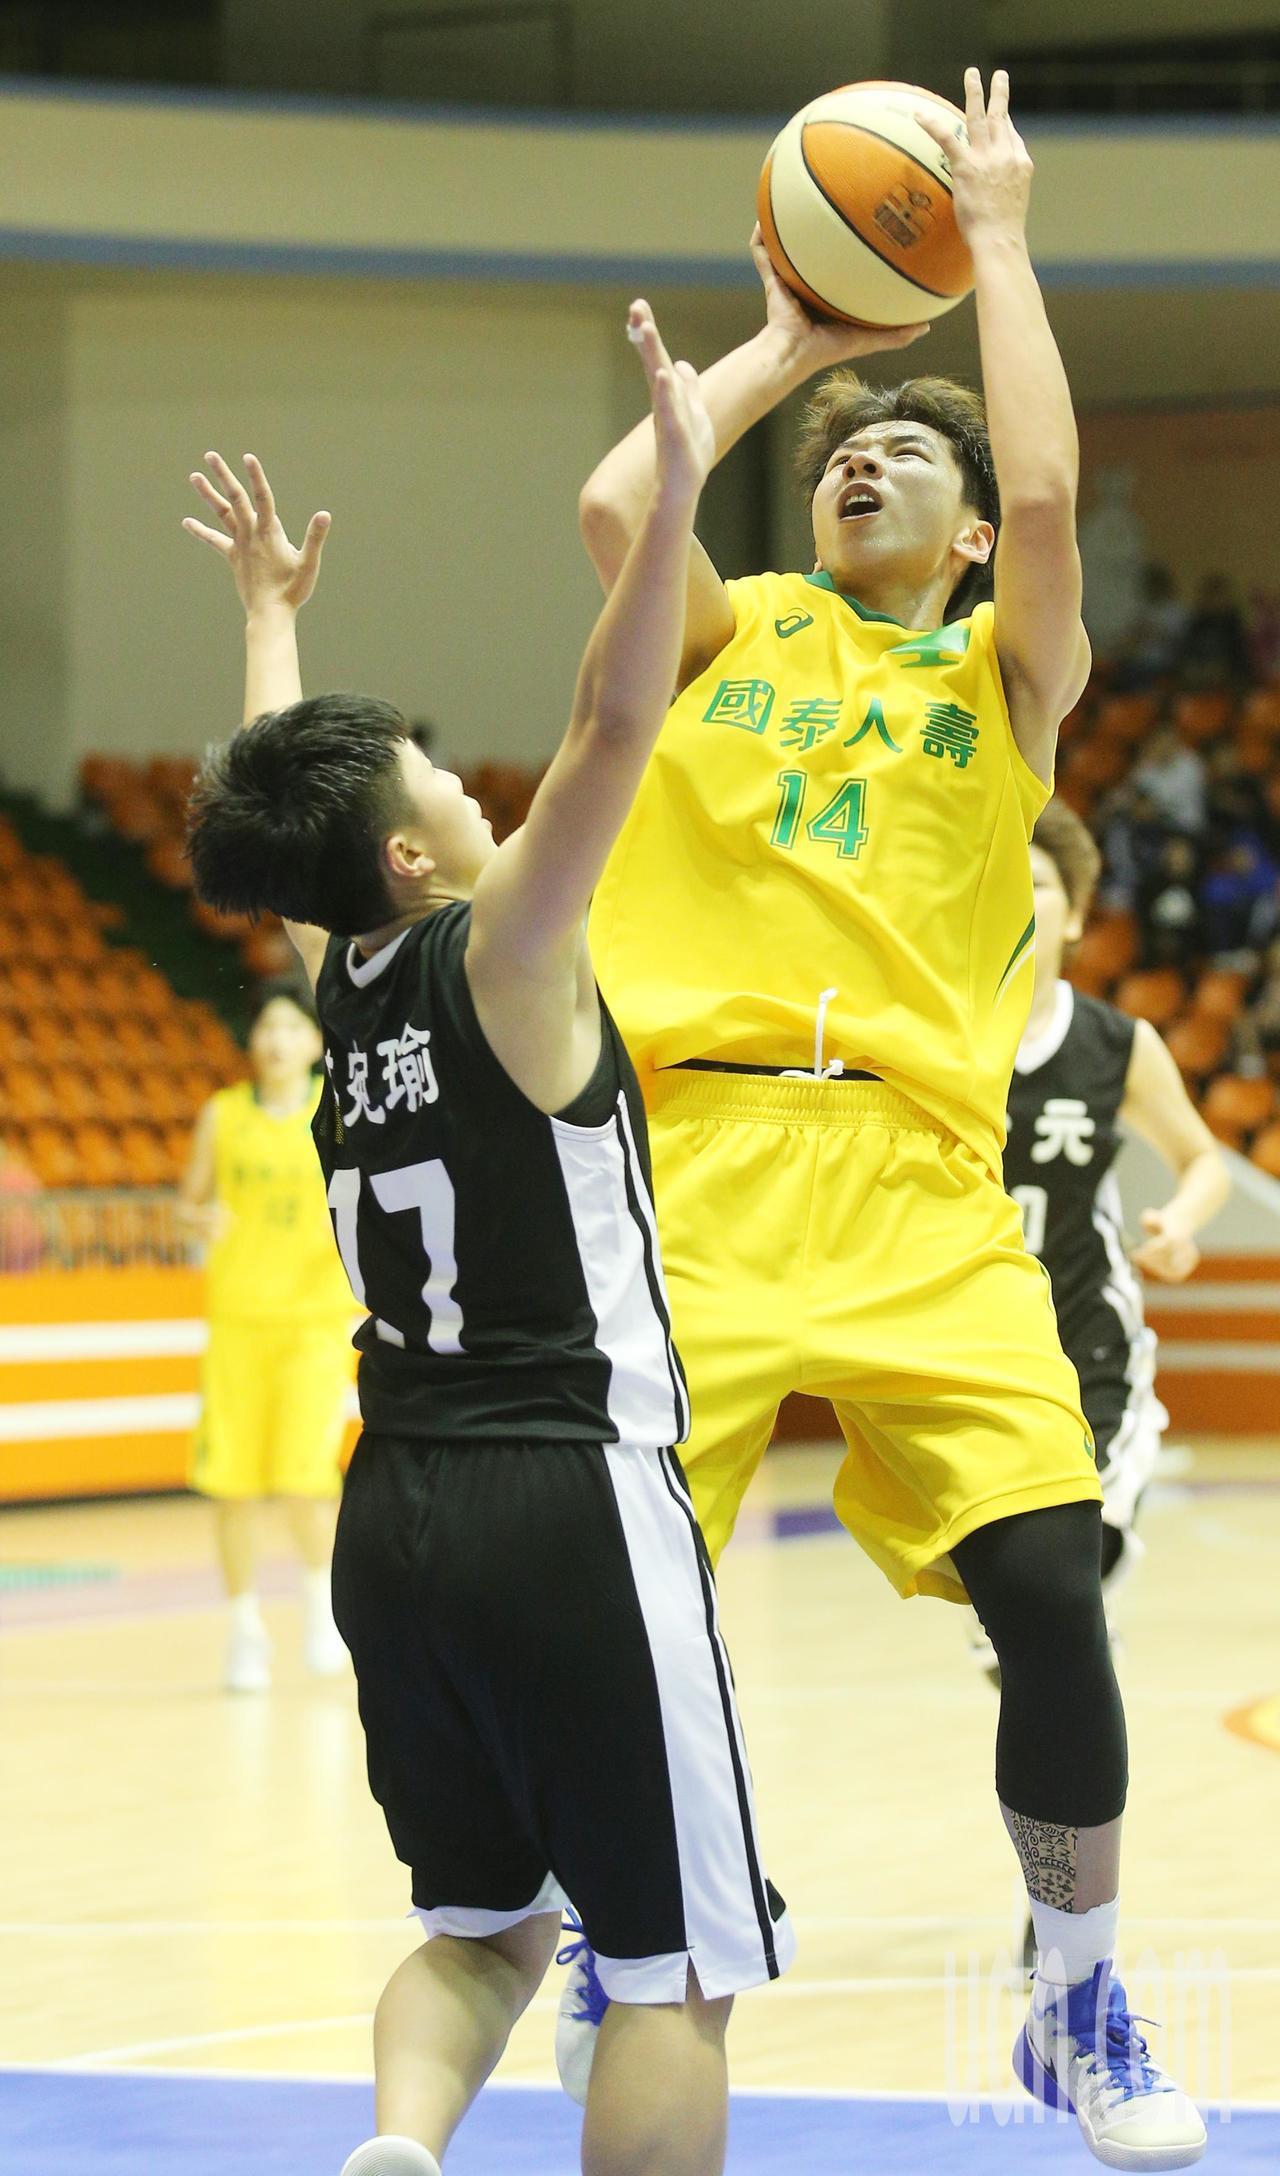 WSBL\國泰人壽對台元晚上在板橋體育館舉行,國泰人壽黃英利(右)飛身後仰跳投。...